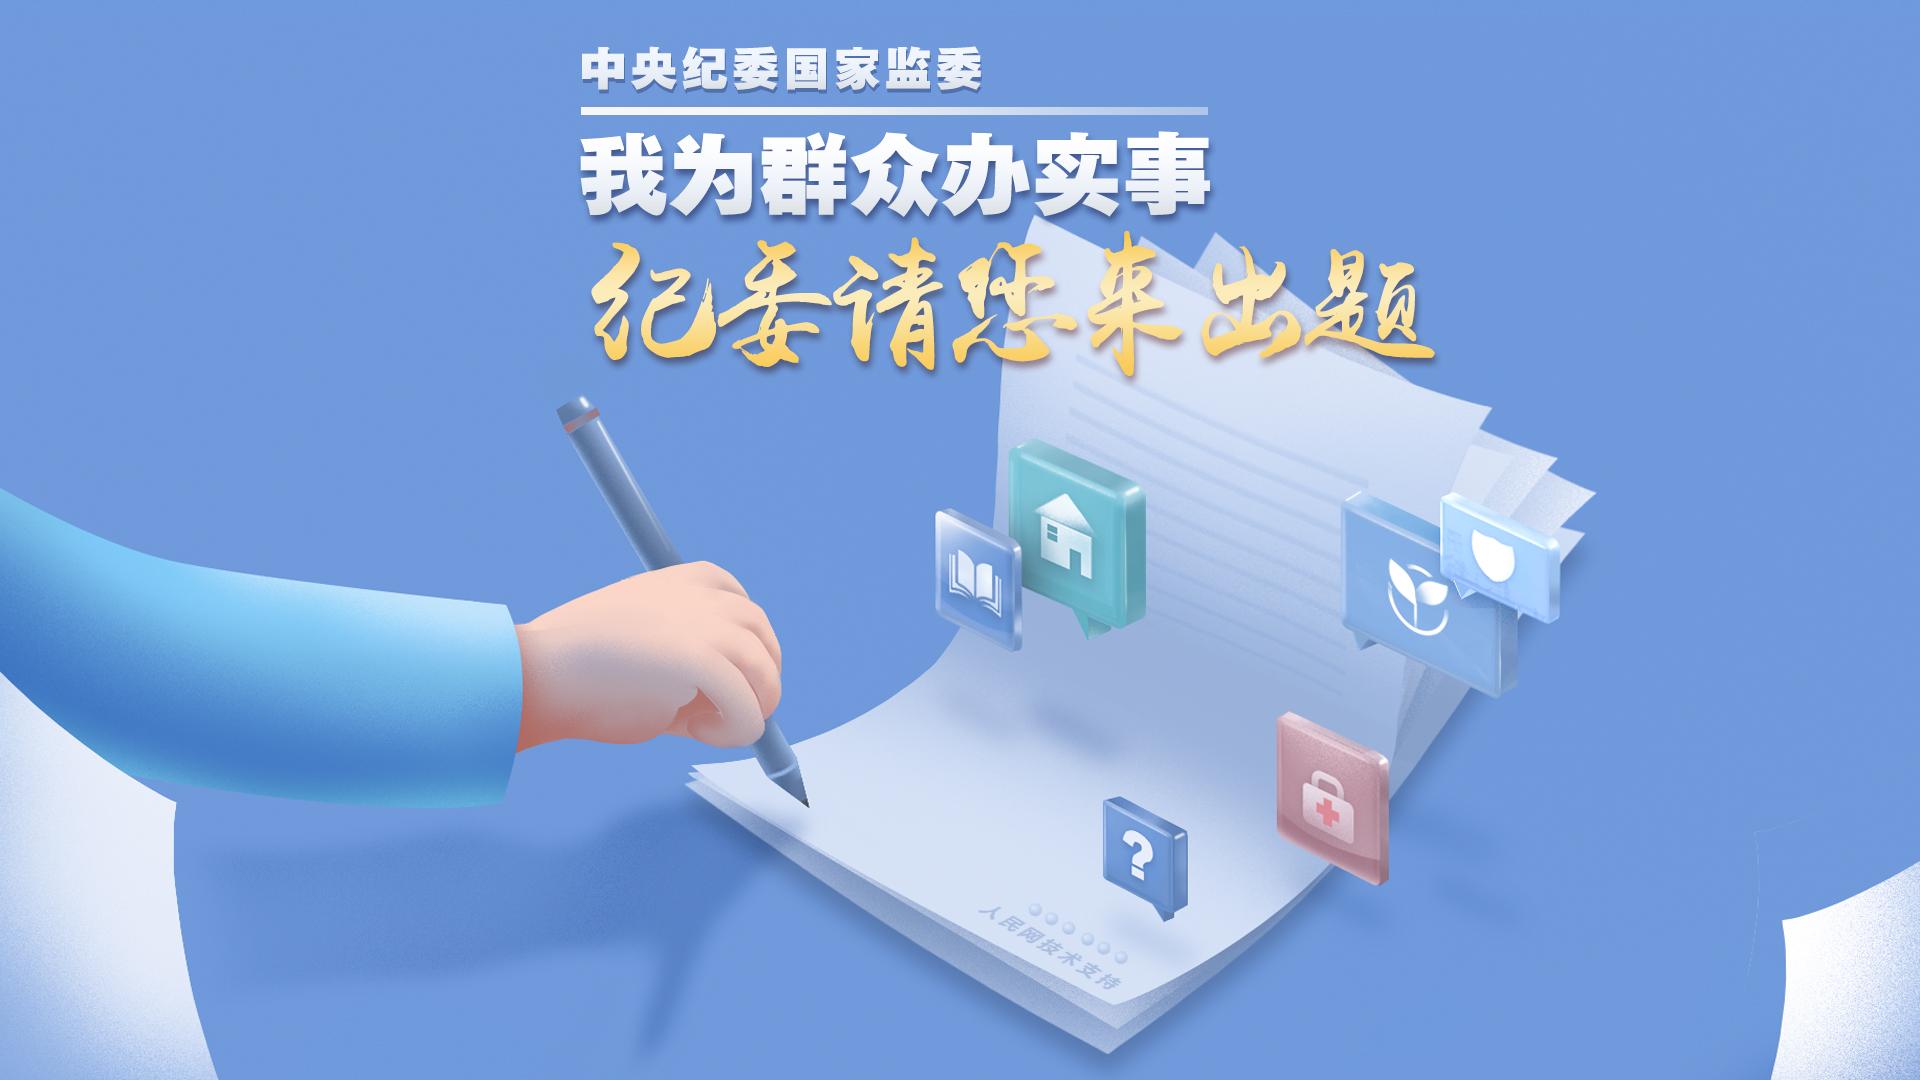 中央纪委回复网友留言:持续加强作风建设 切实保障群众利益